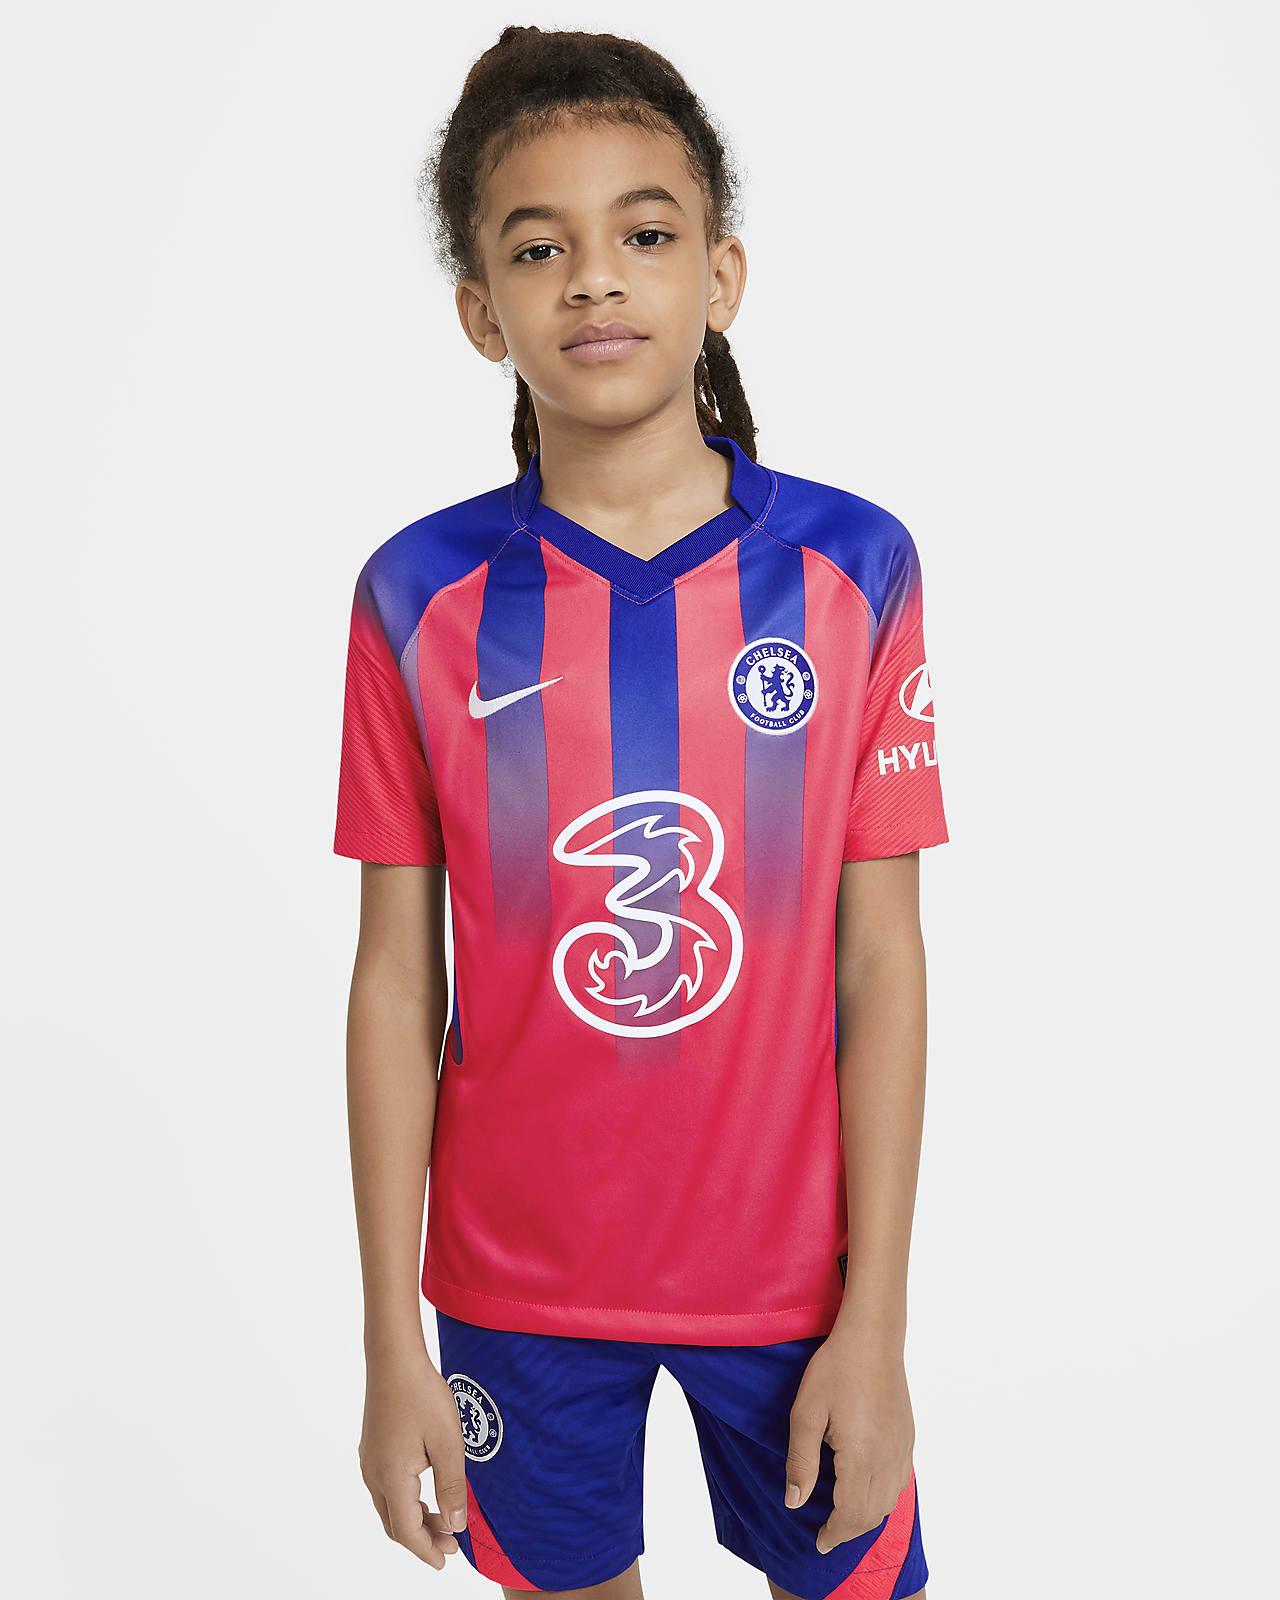 Camiseta de fútbol alternativa para niños talla grande Stadium del Chelsea FC 2020/21